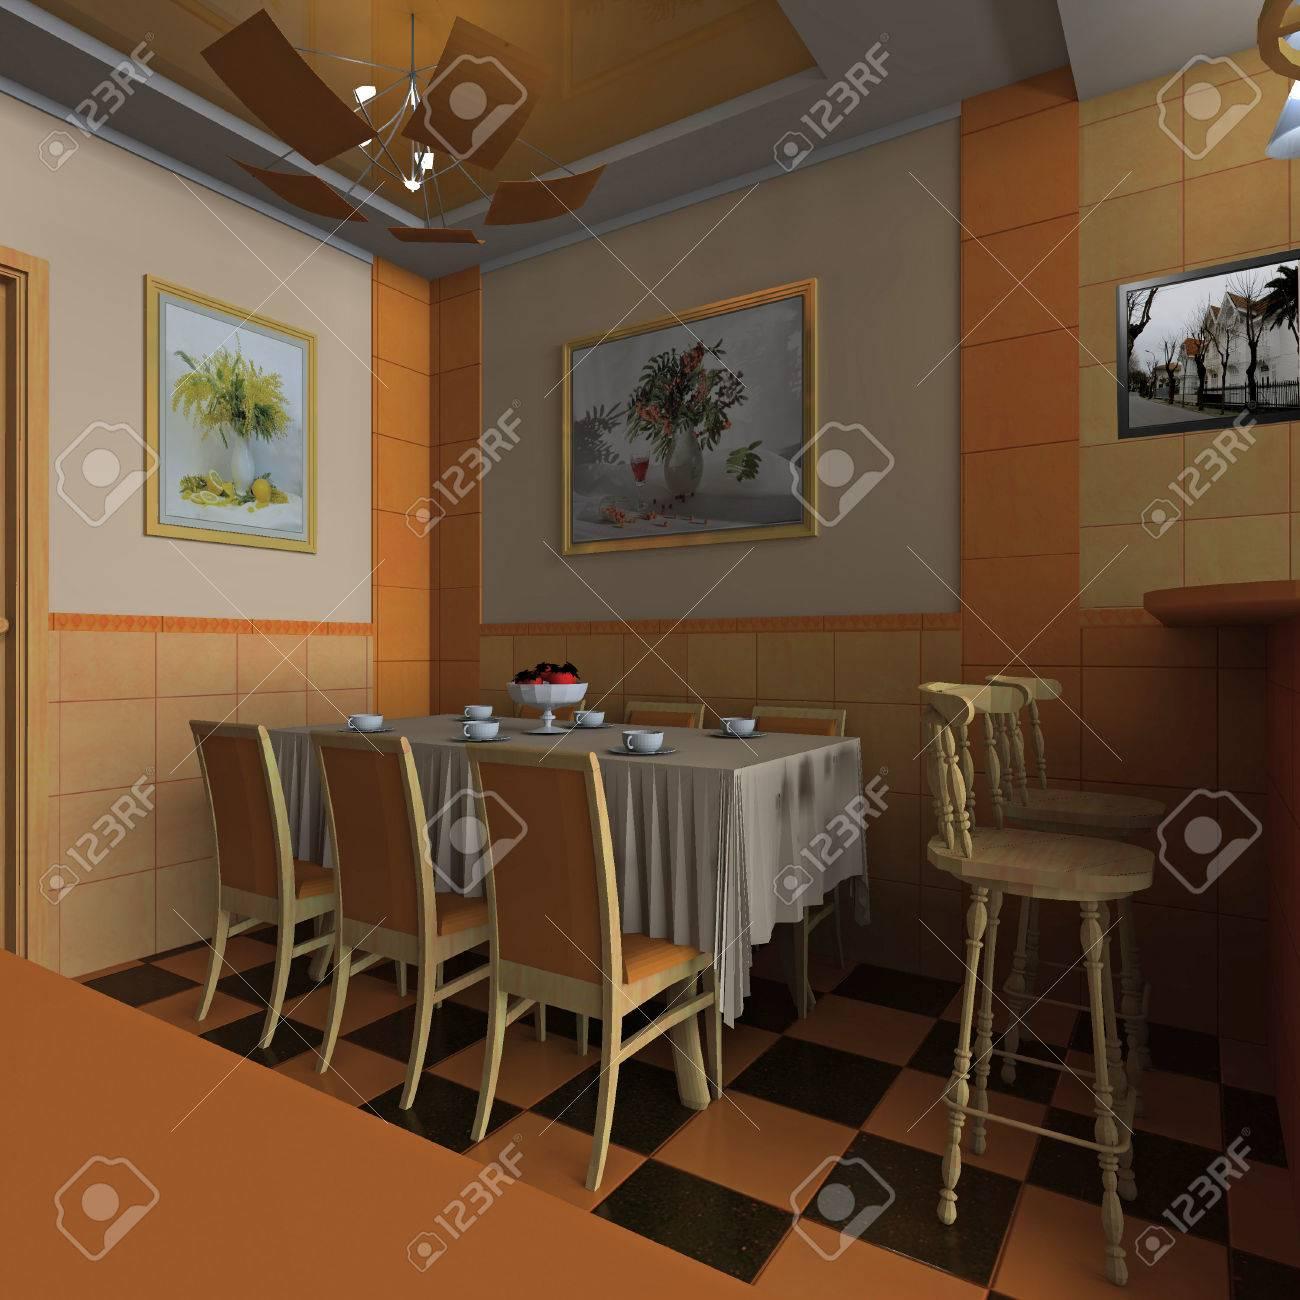 Clásico Comedor Diseño De Interiores, Cocina Con Barra Fotos ...